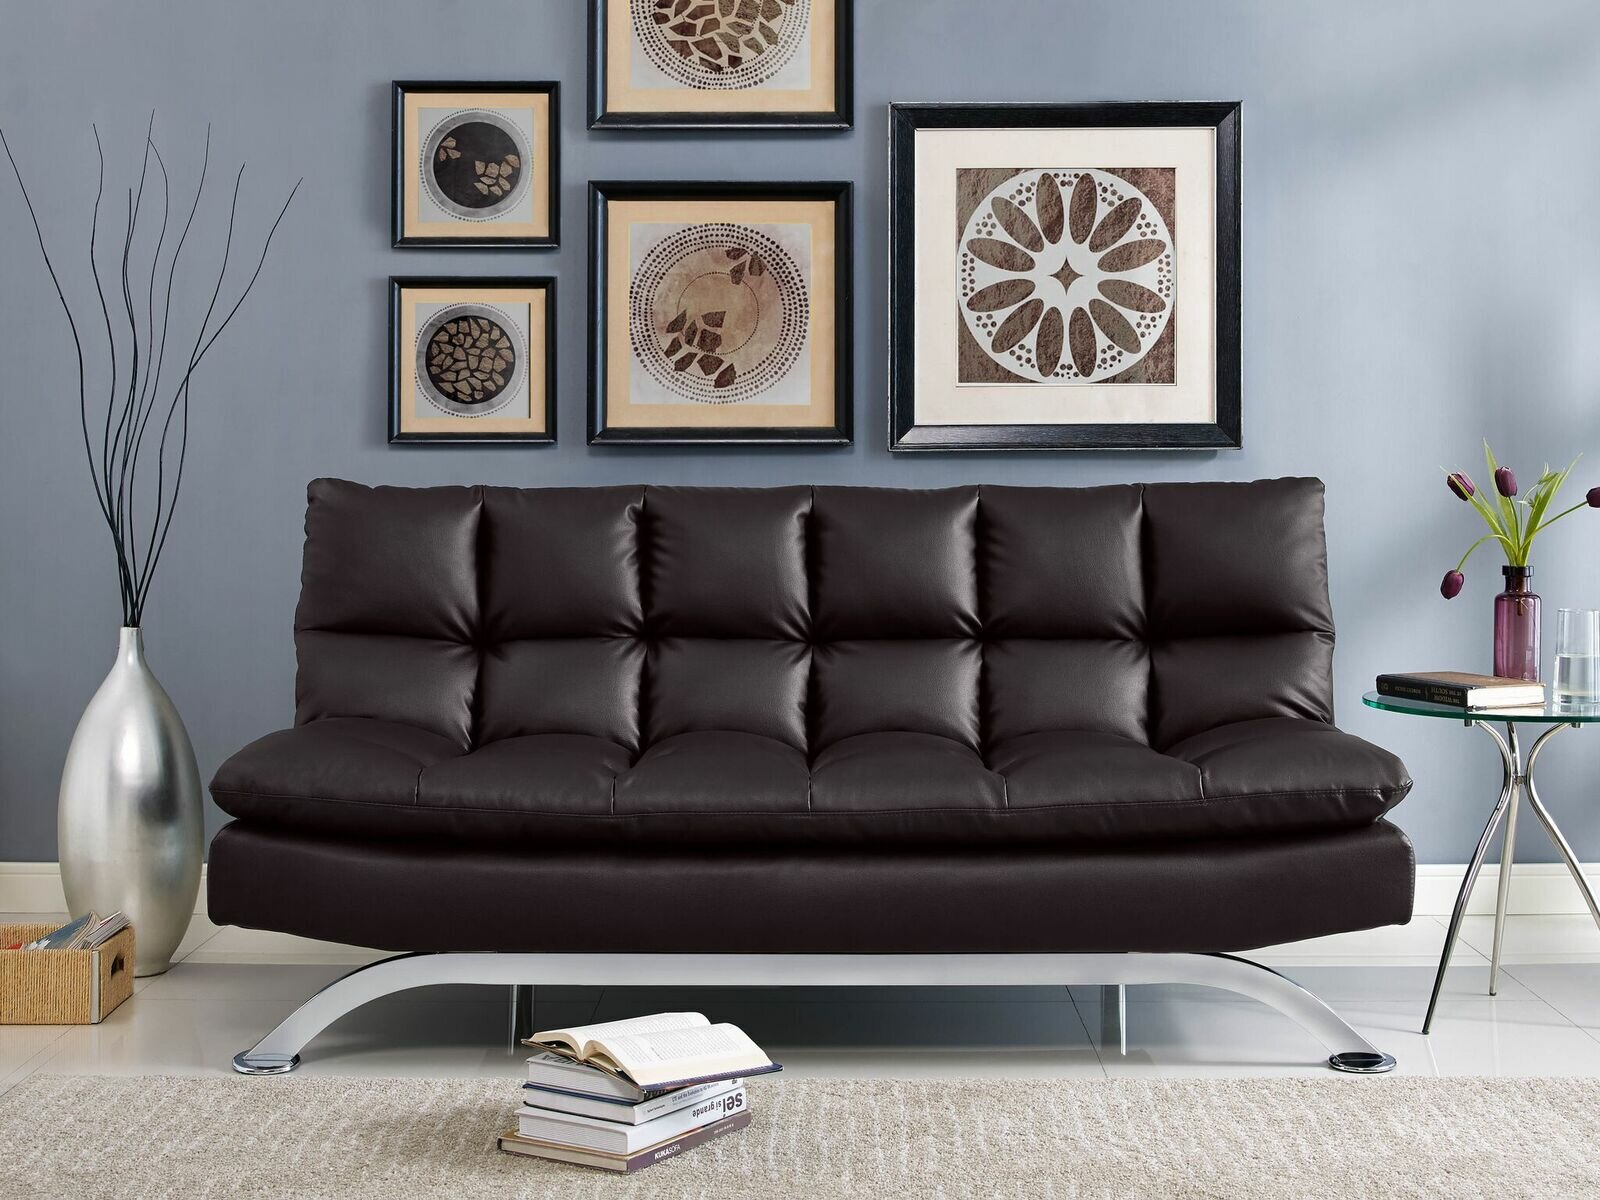 Waut Pillow Top Convertible Sofa